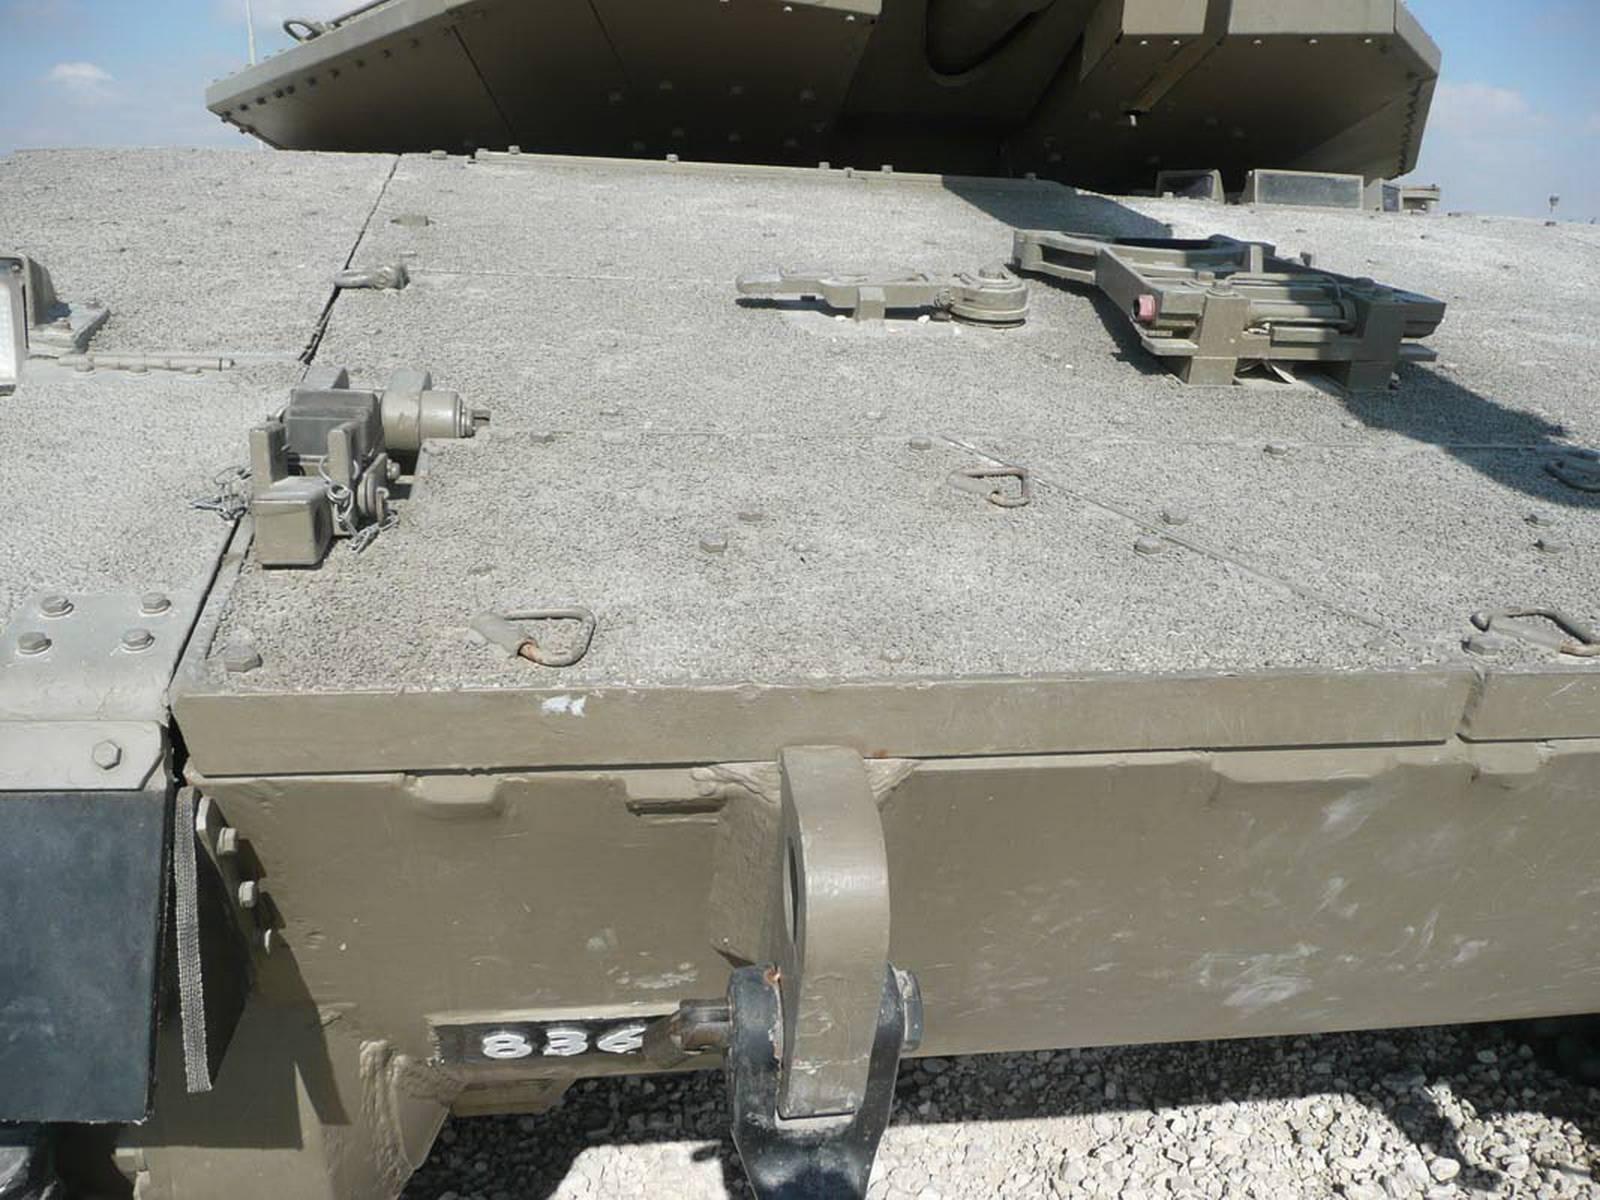 Основной боевой танк израиля. танк «меркава» – революционная колесница бога. компоновка: принципиальное отличие от аналогов